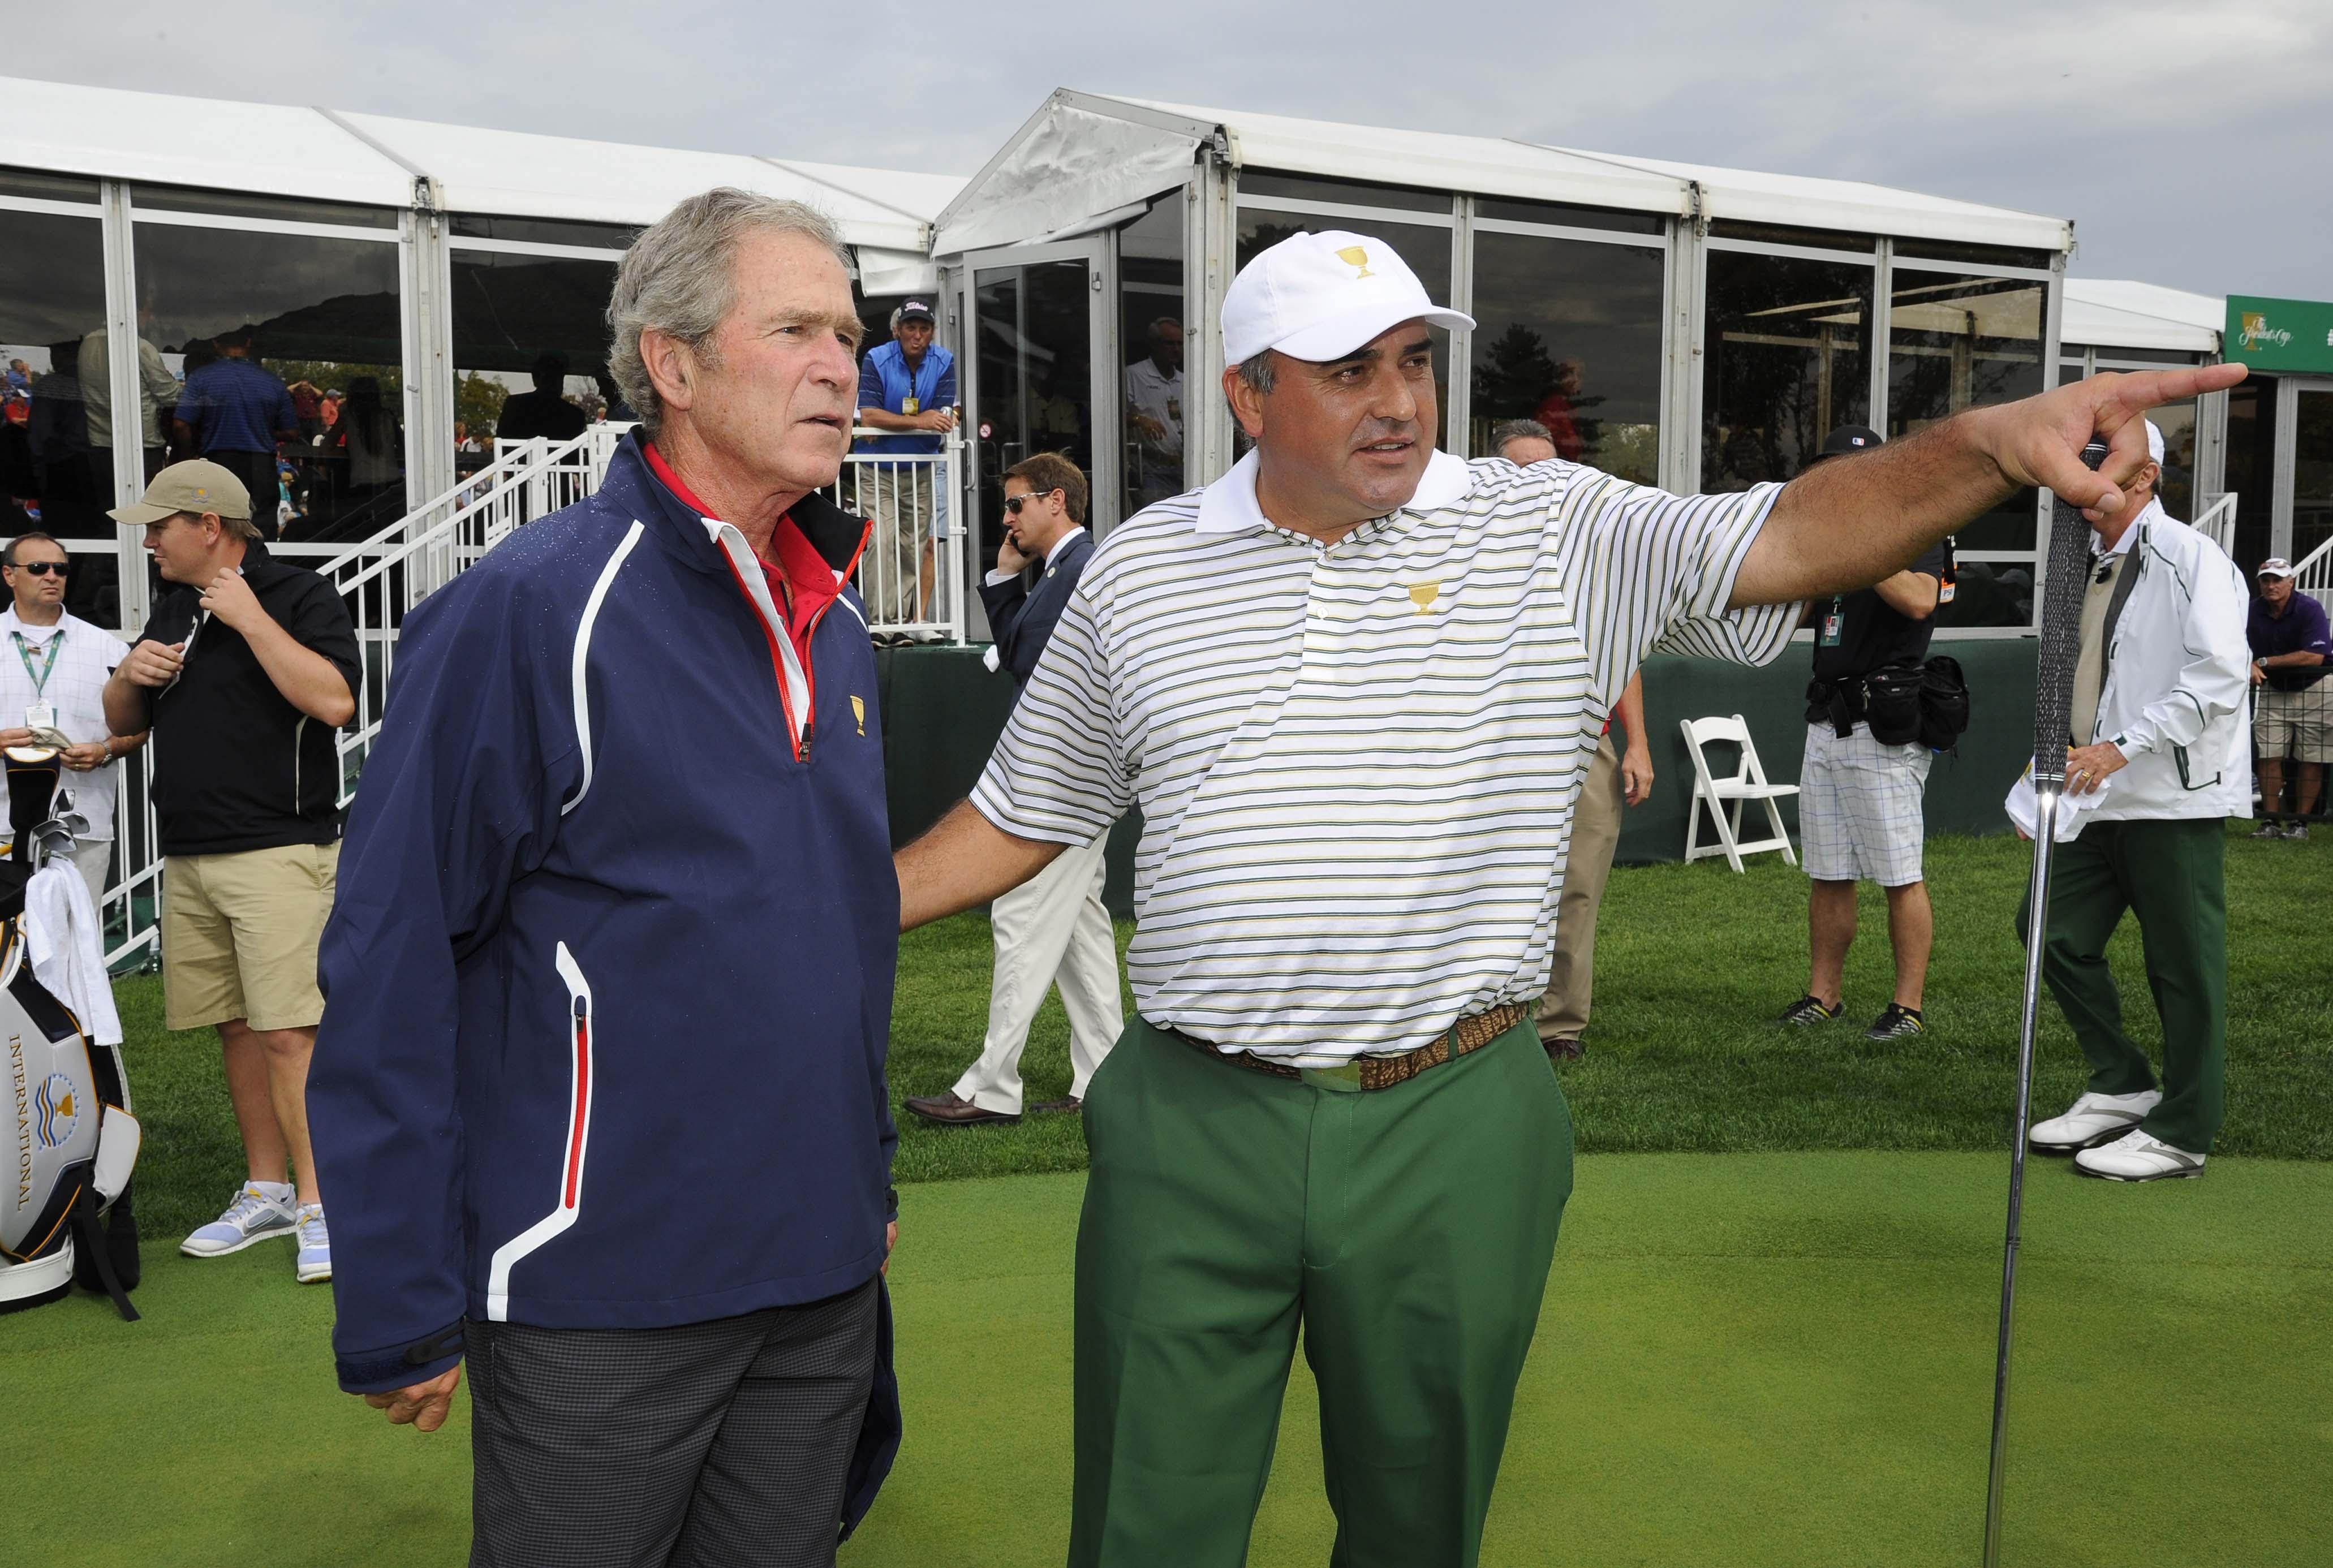 George W. Bush and Angel Cabrera